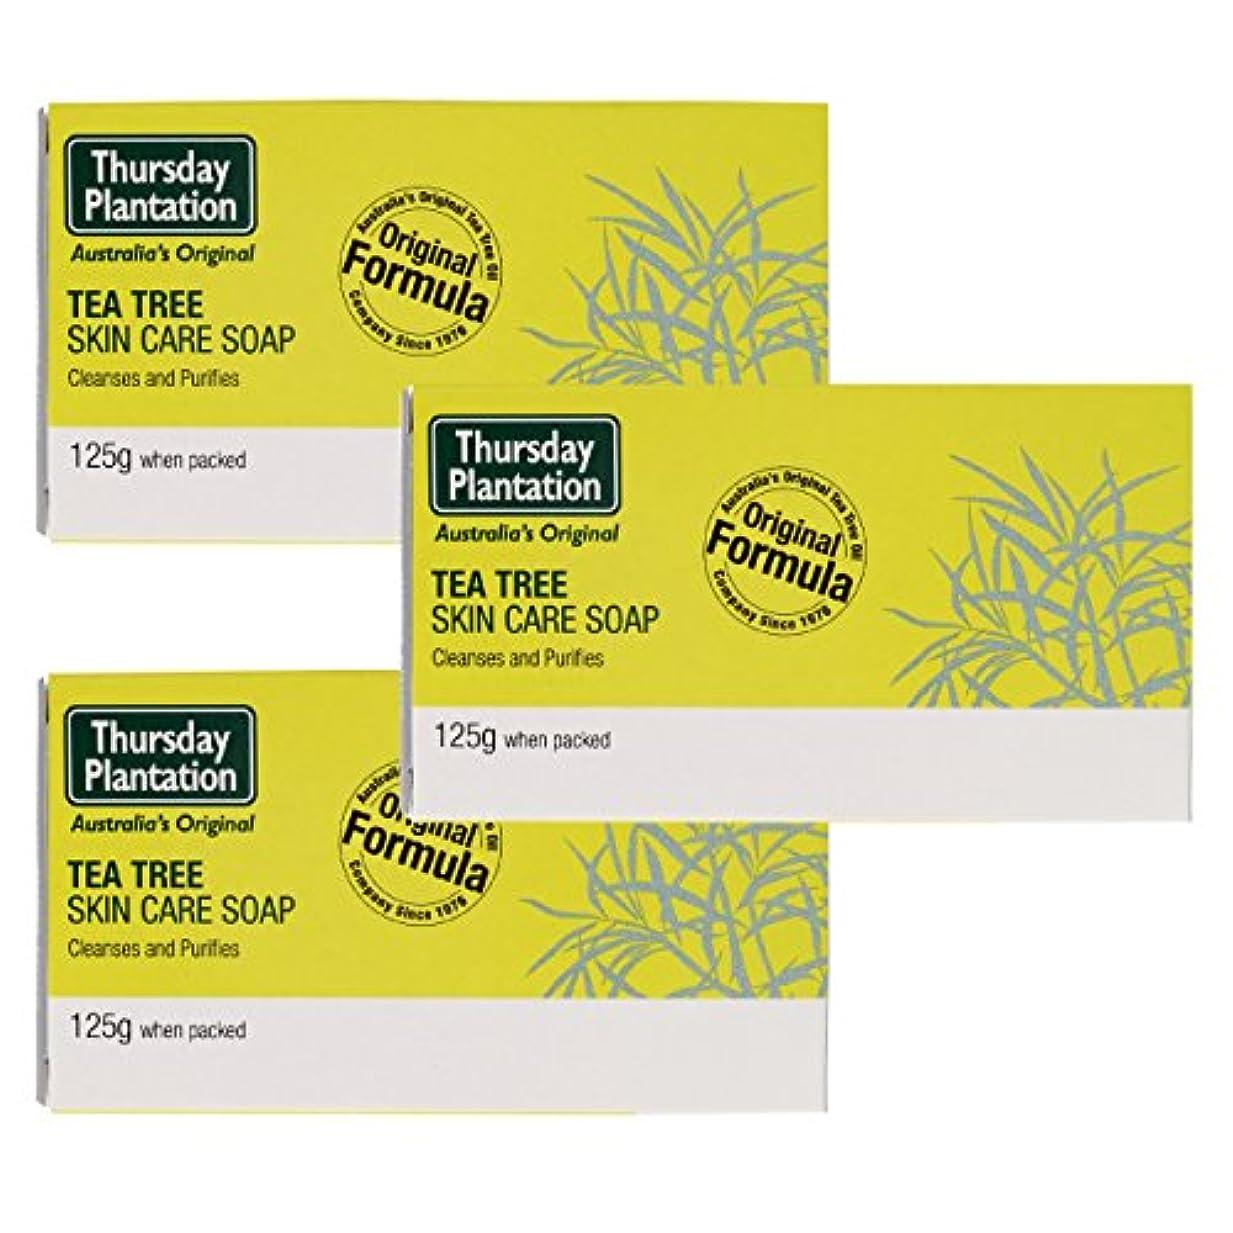 ゲート時期尚早セントティーツリー スキンケア ソープ 125g x3 Thursday Plantation Tea Tree Skin Care Soap [並行輸入品]